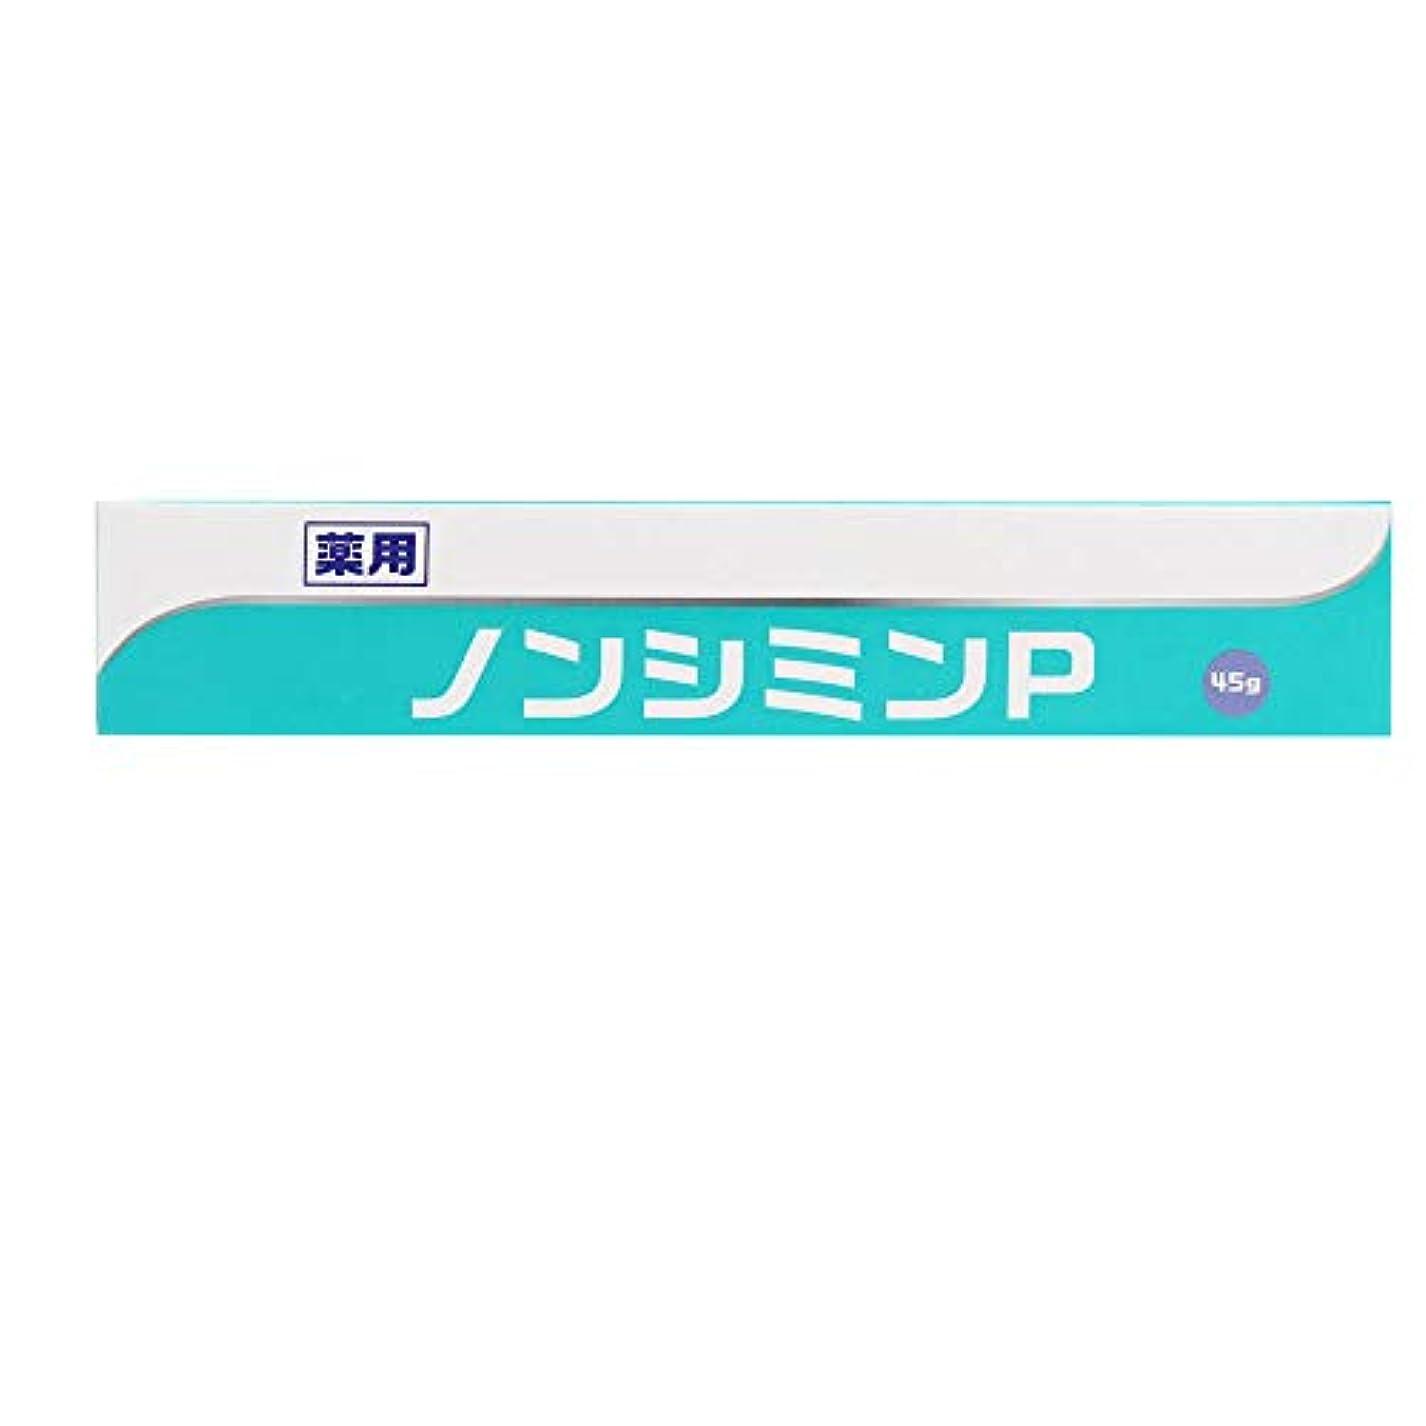 痛み晩ごはんアルカイック薬用ノンシミンP 45g ジェルタイプ 医薬部外品